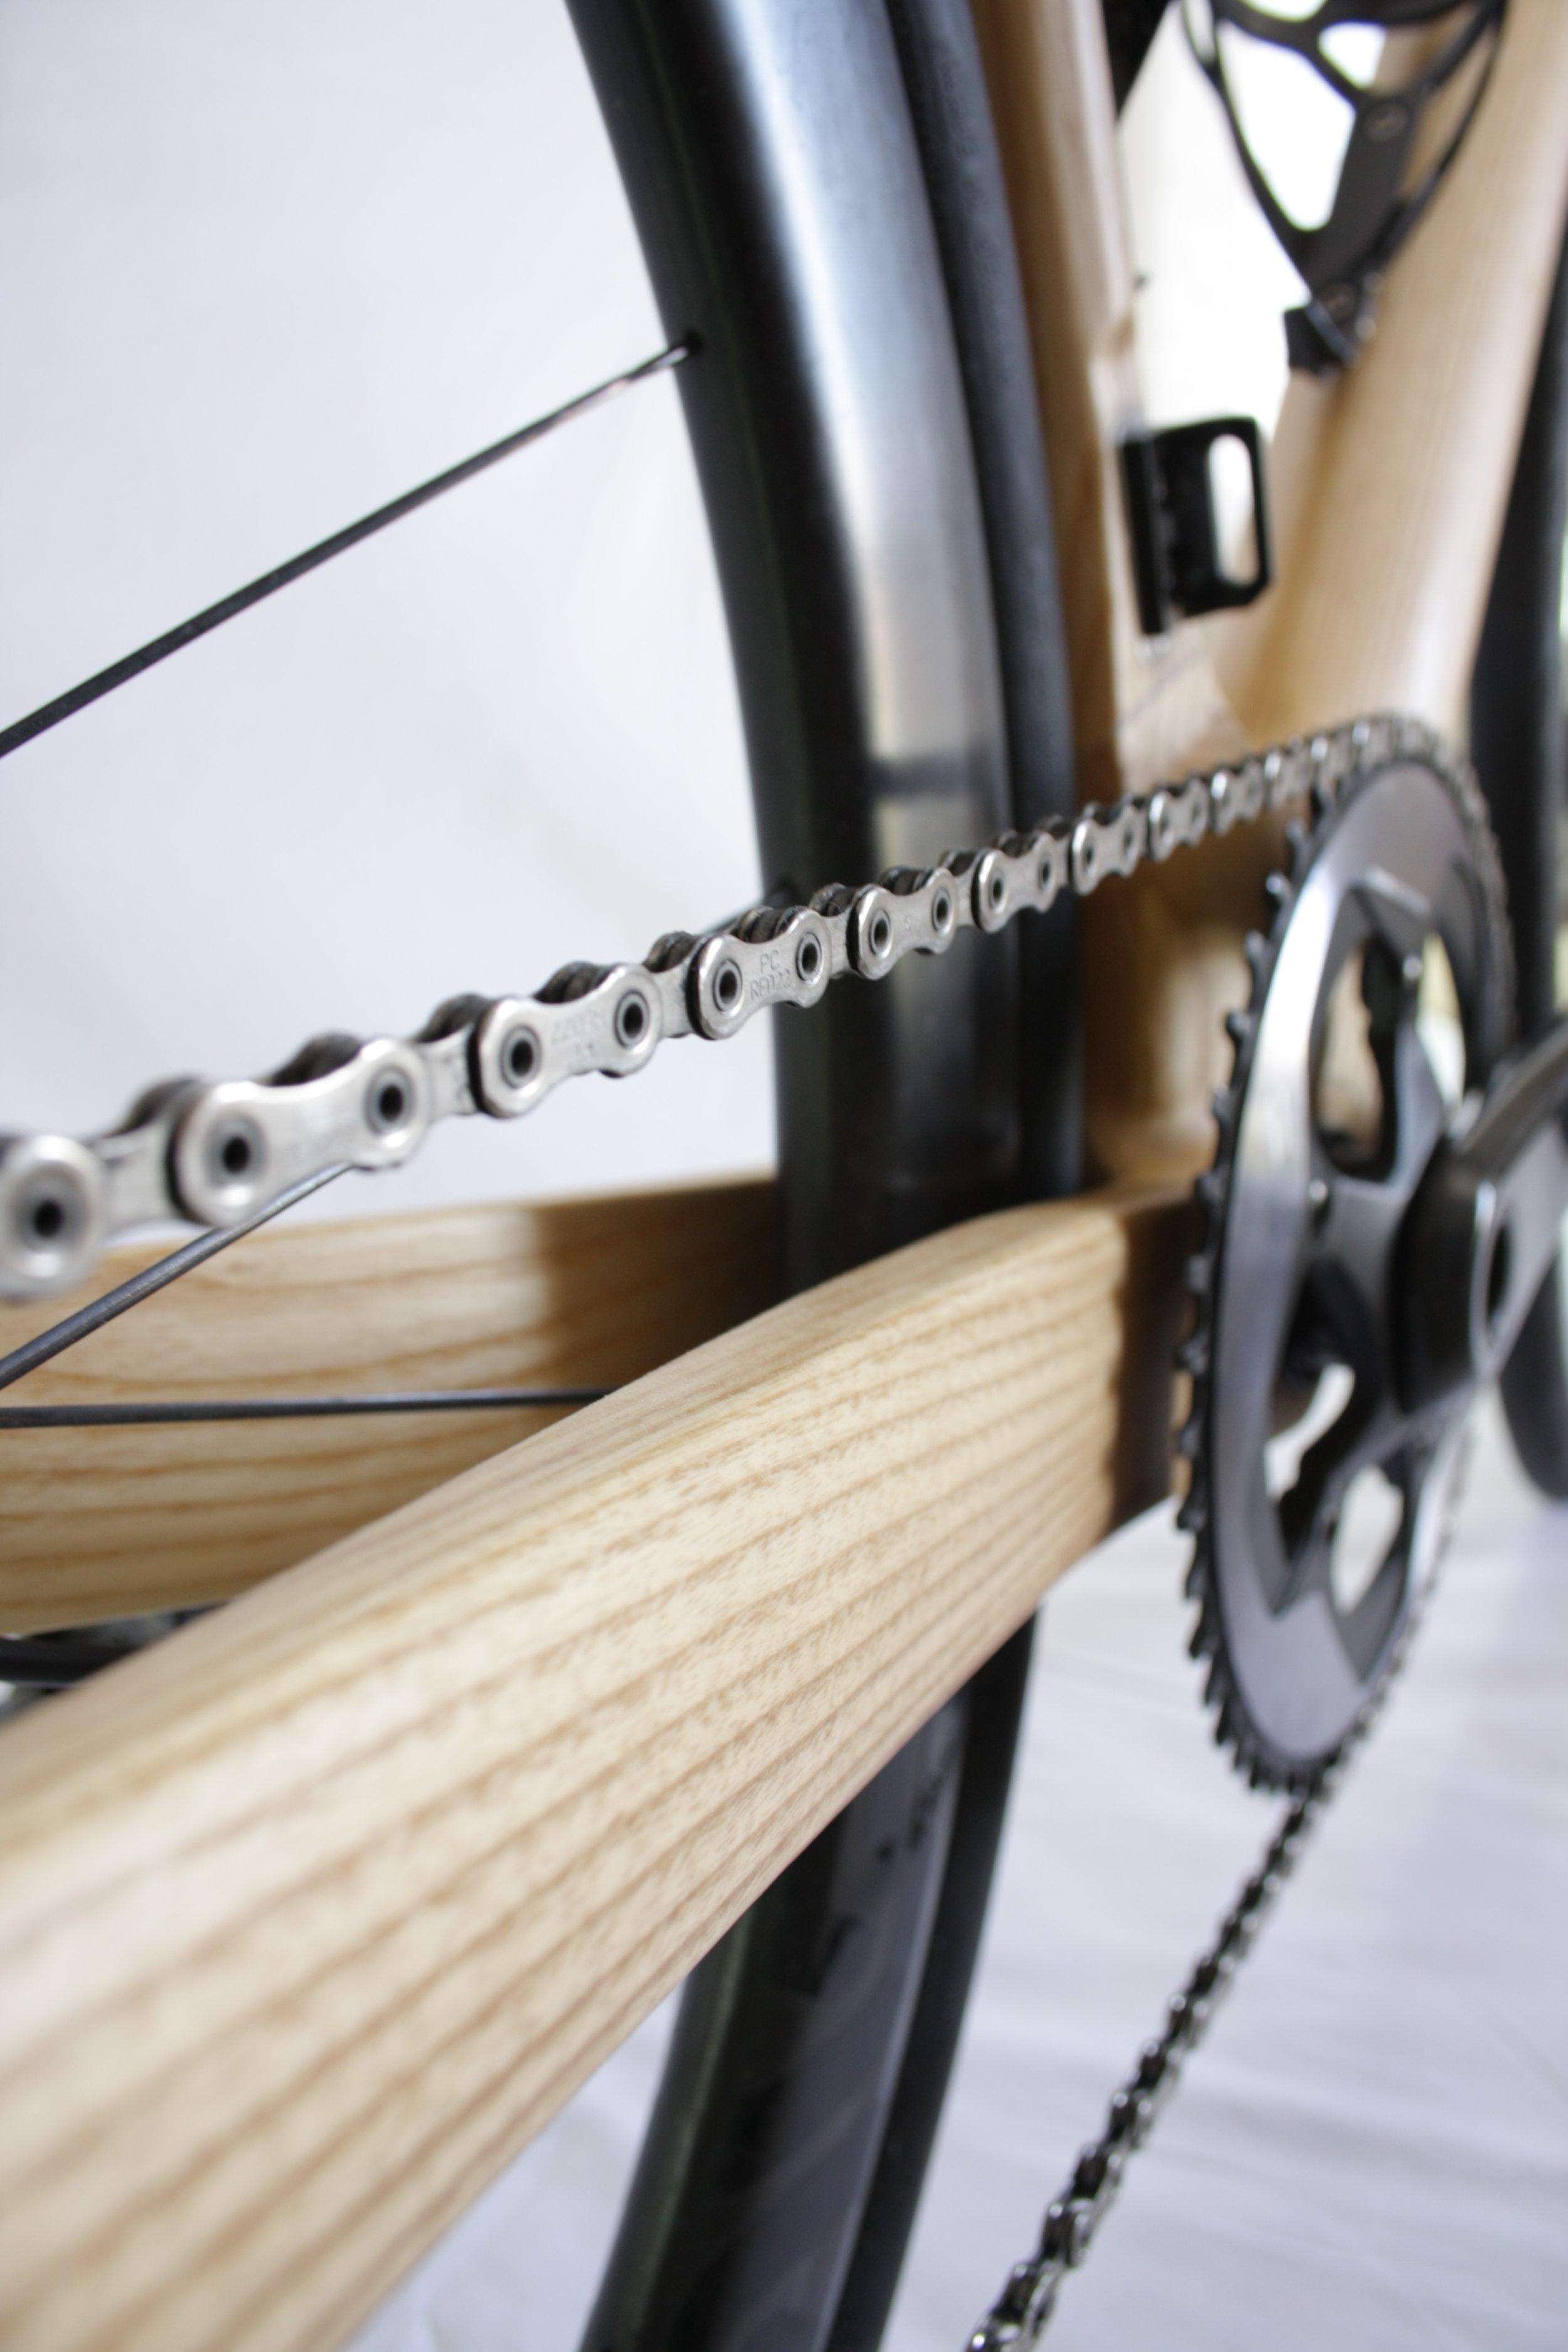 Montauk Hardwood Bikes, Chainstay Closeup 1.JPG